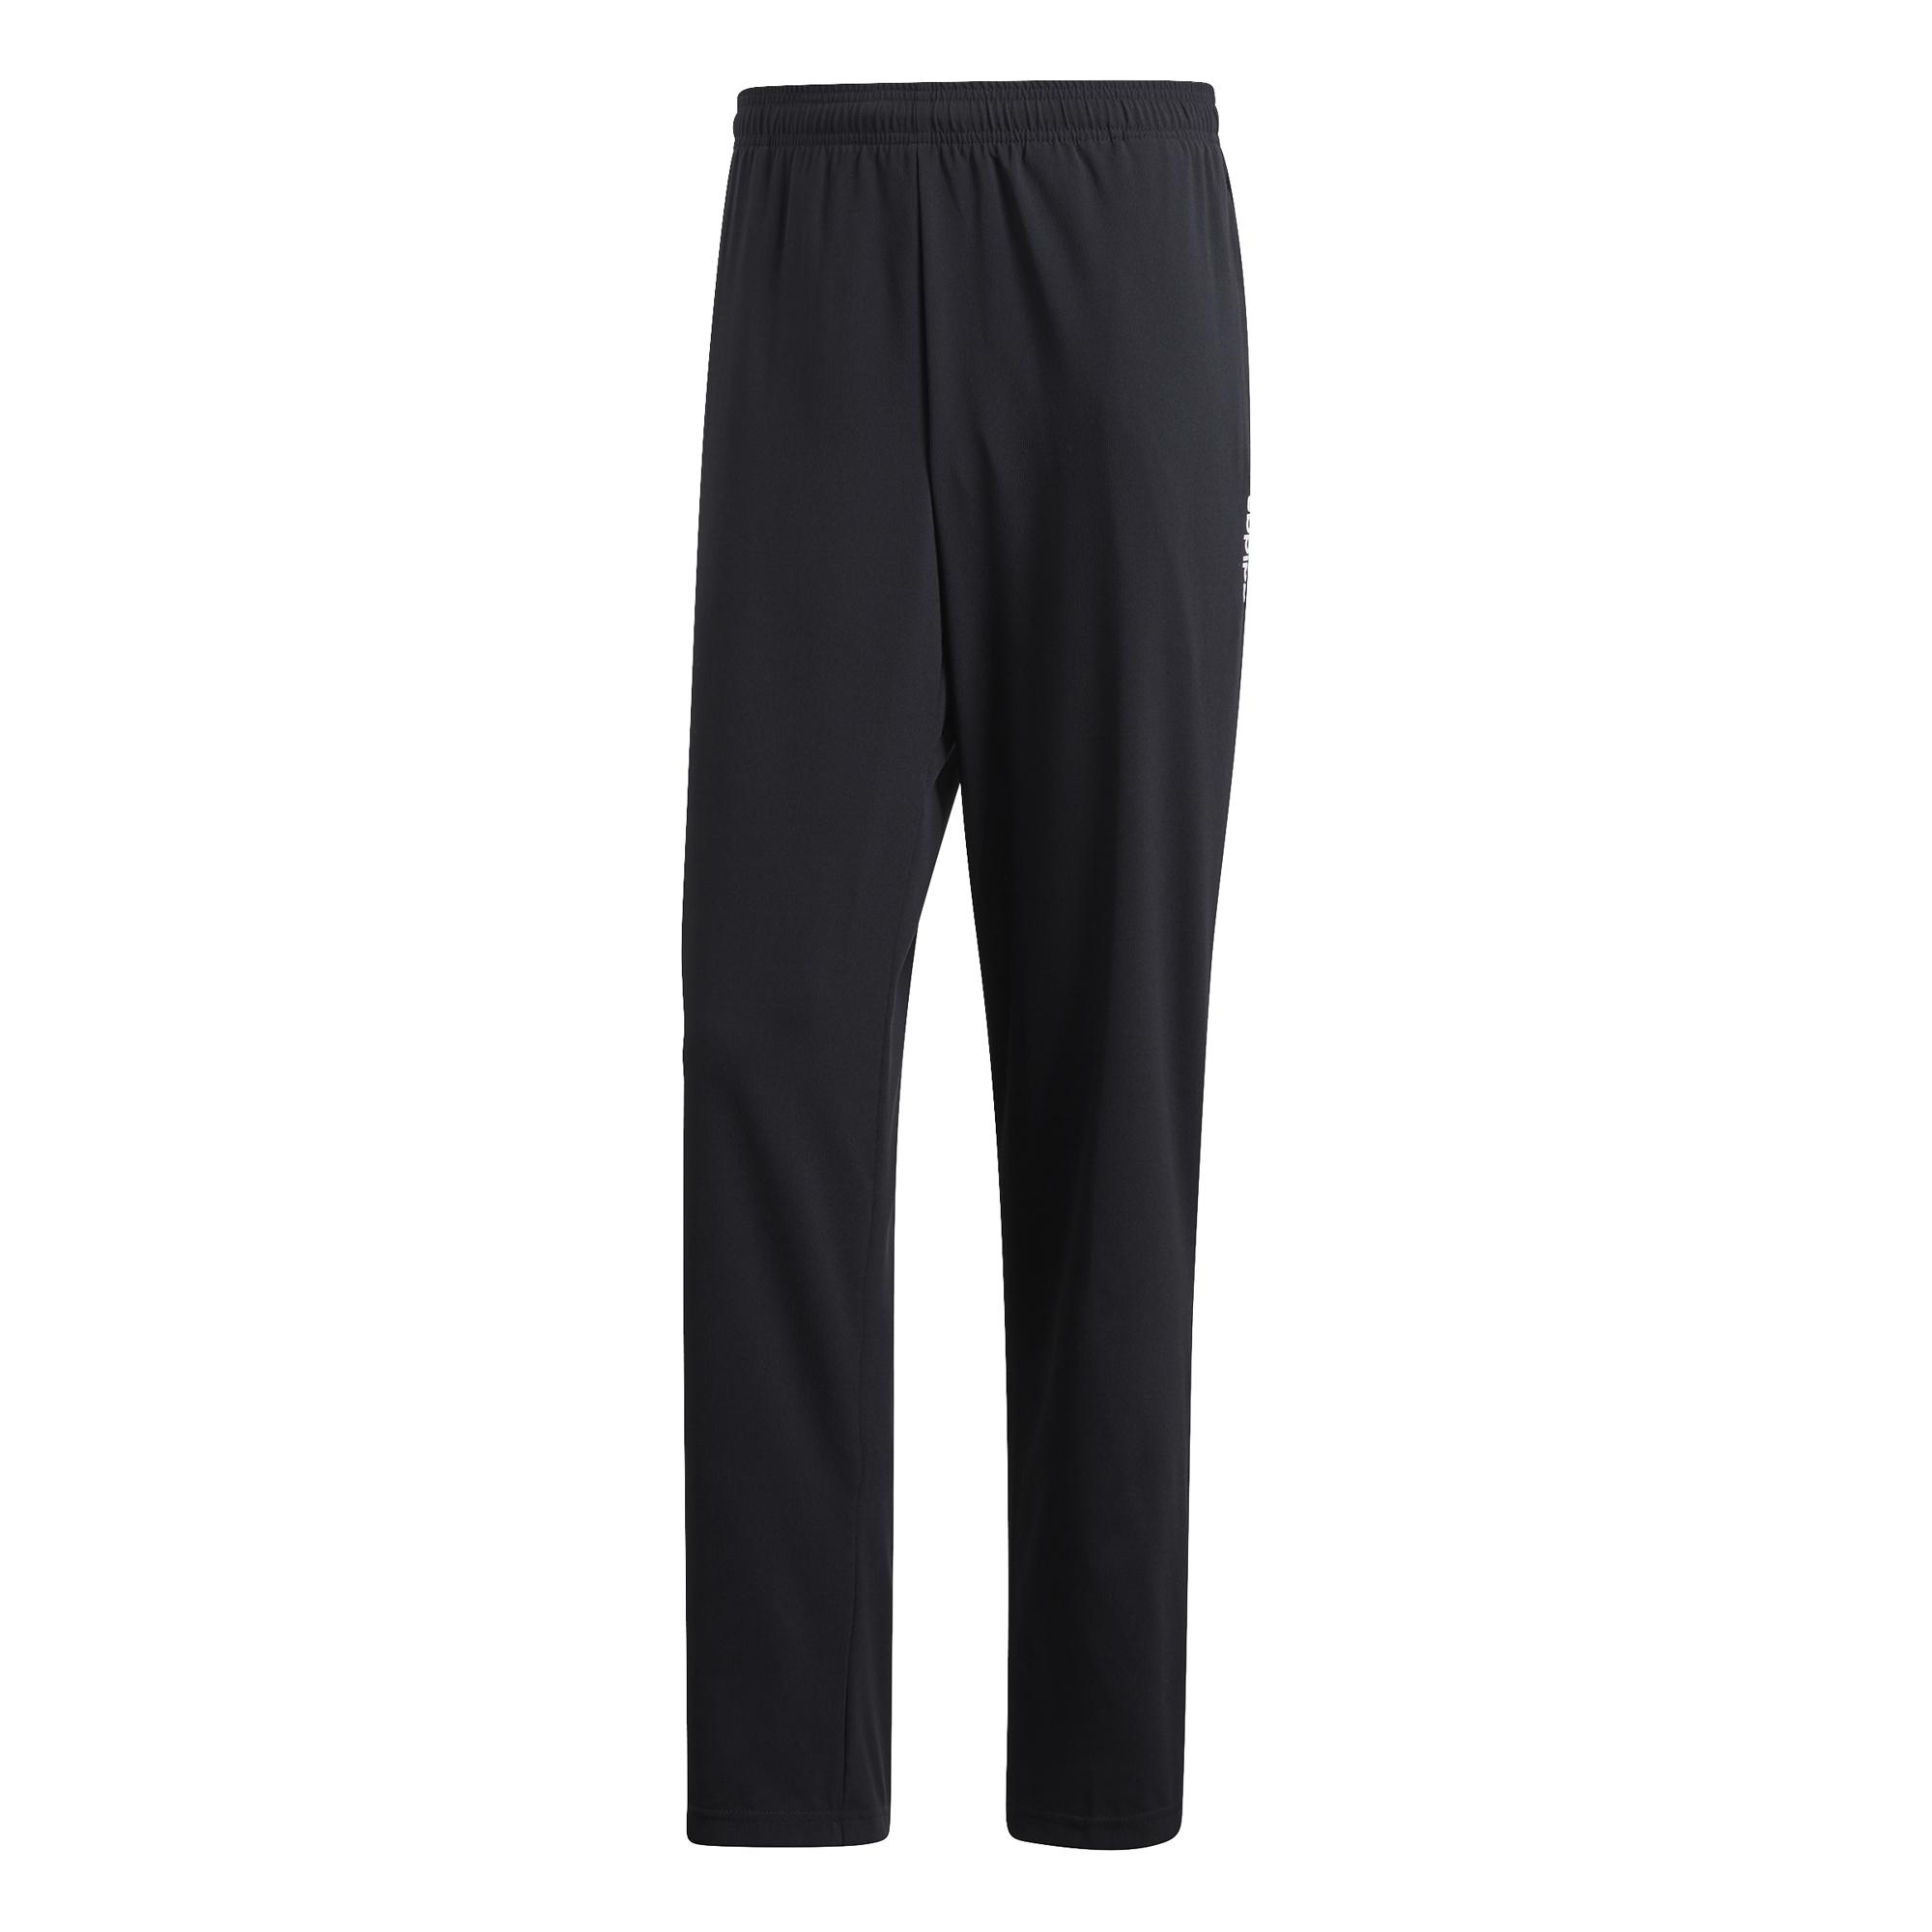 Nohavice adidas E PLN RO STNFRD čierne  2f5ec87e898